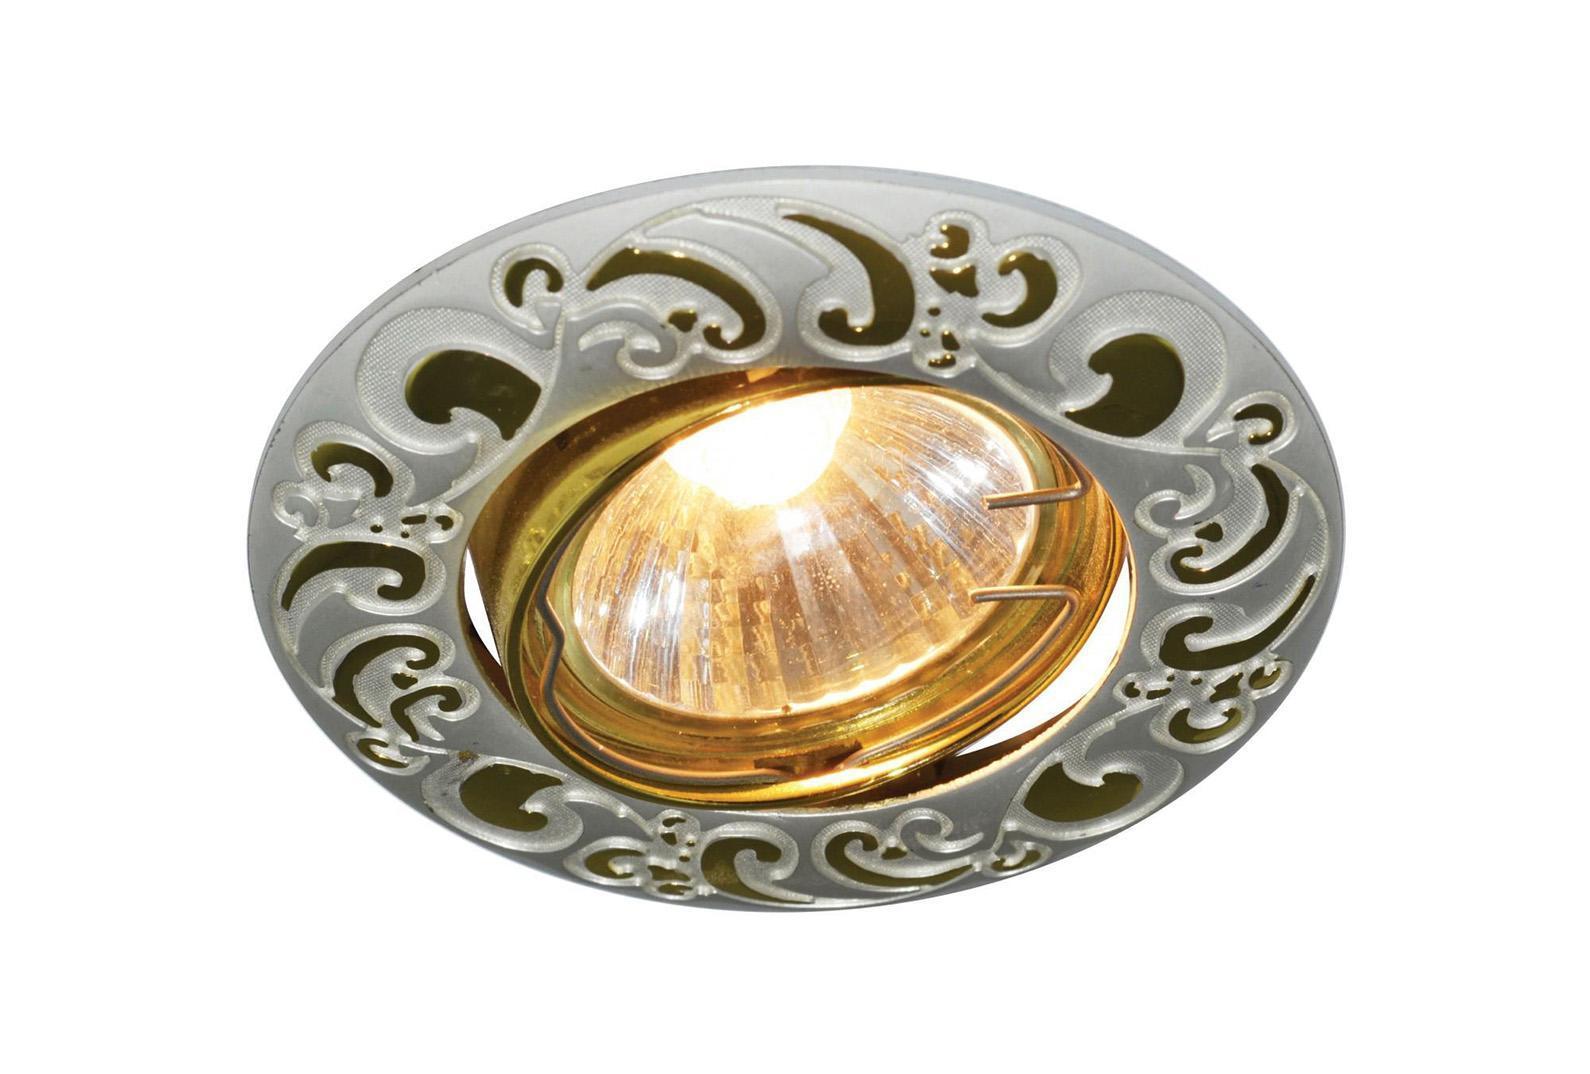 A5108PL-3WG WOOD Встраиваемый светильникA5108PL-3WG3x50W; патроны в комплекте GU10 и G5.3 Материал: Арматура: Металл, литьеРазмер: 92x92x22Цвет: Бело-золотой